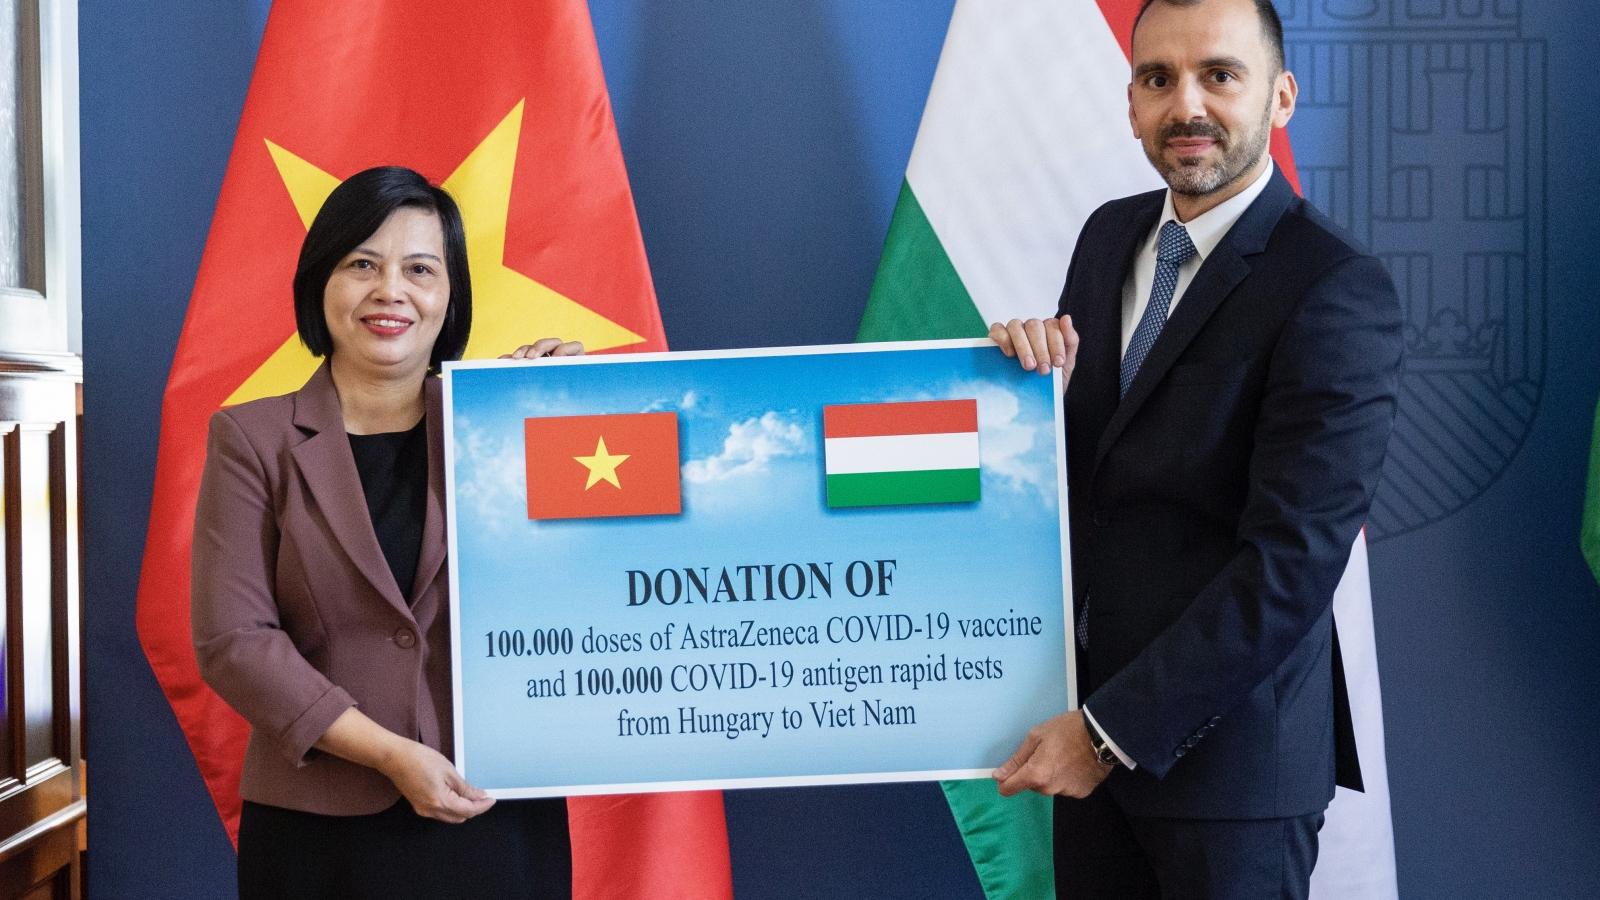 Hungary trao tặng vaccine và vật tư y tế hỗ trợ Việt Nam chống đại dịch Covid-19